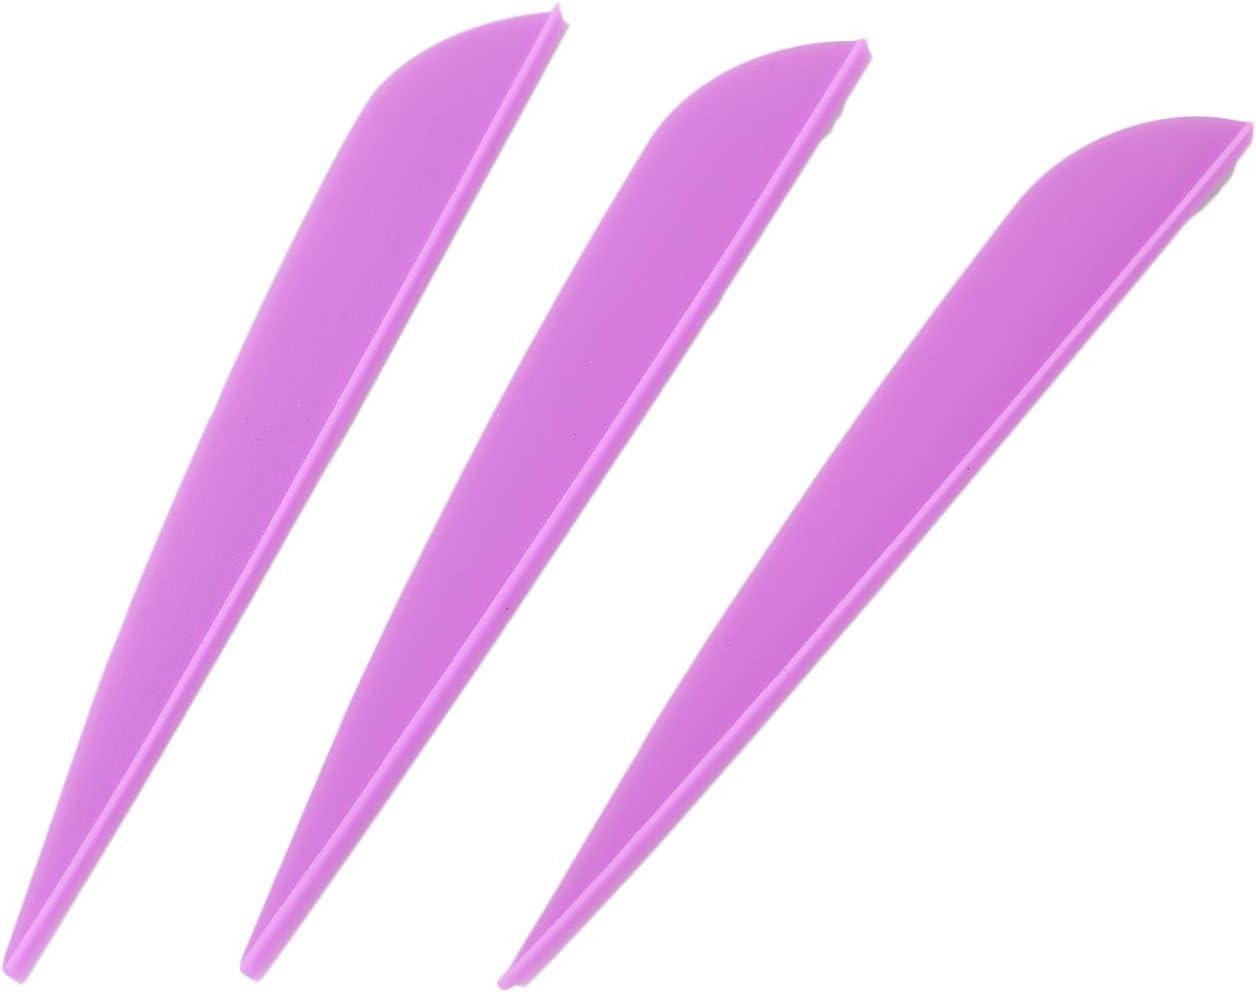 CUHAWUDBA Flechas Paletas 4 Pulgadas Cola De Flecha De Pluma De Pl/ástico para DIY Flechas De Tiro con Arco Paquete De 50 P/úrpura